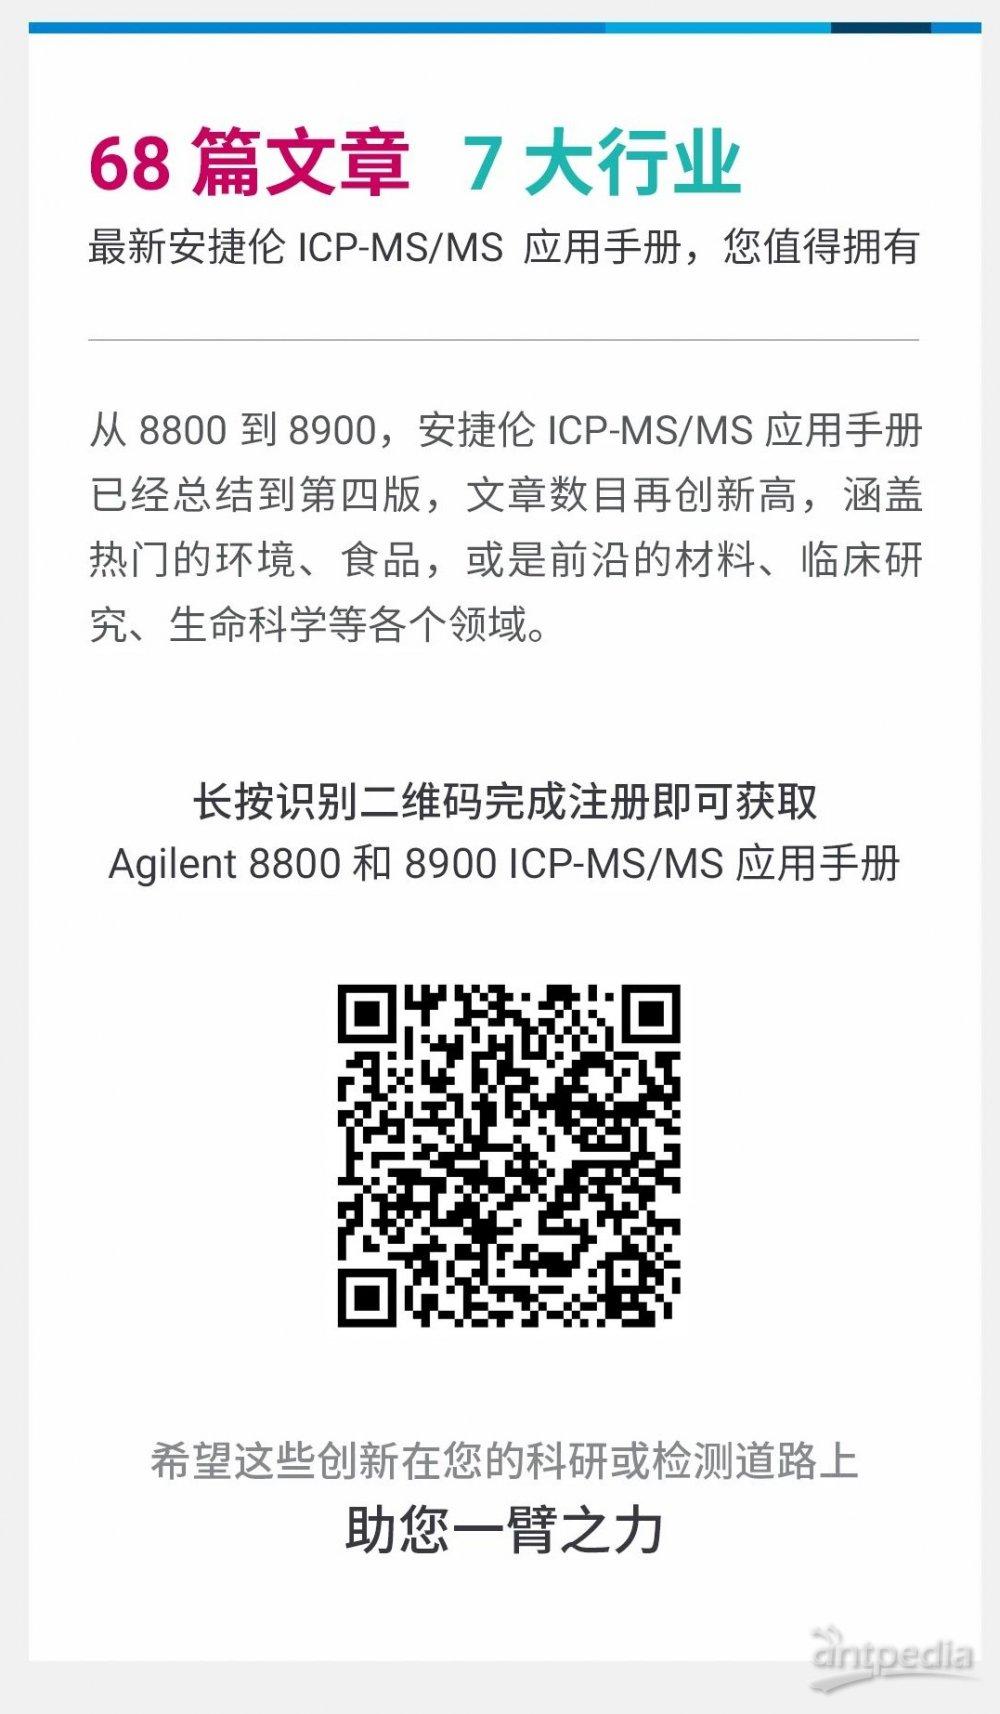 微信图片_20201012165730.jpg